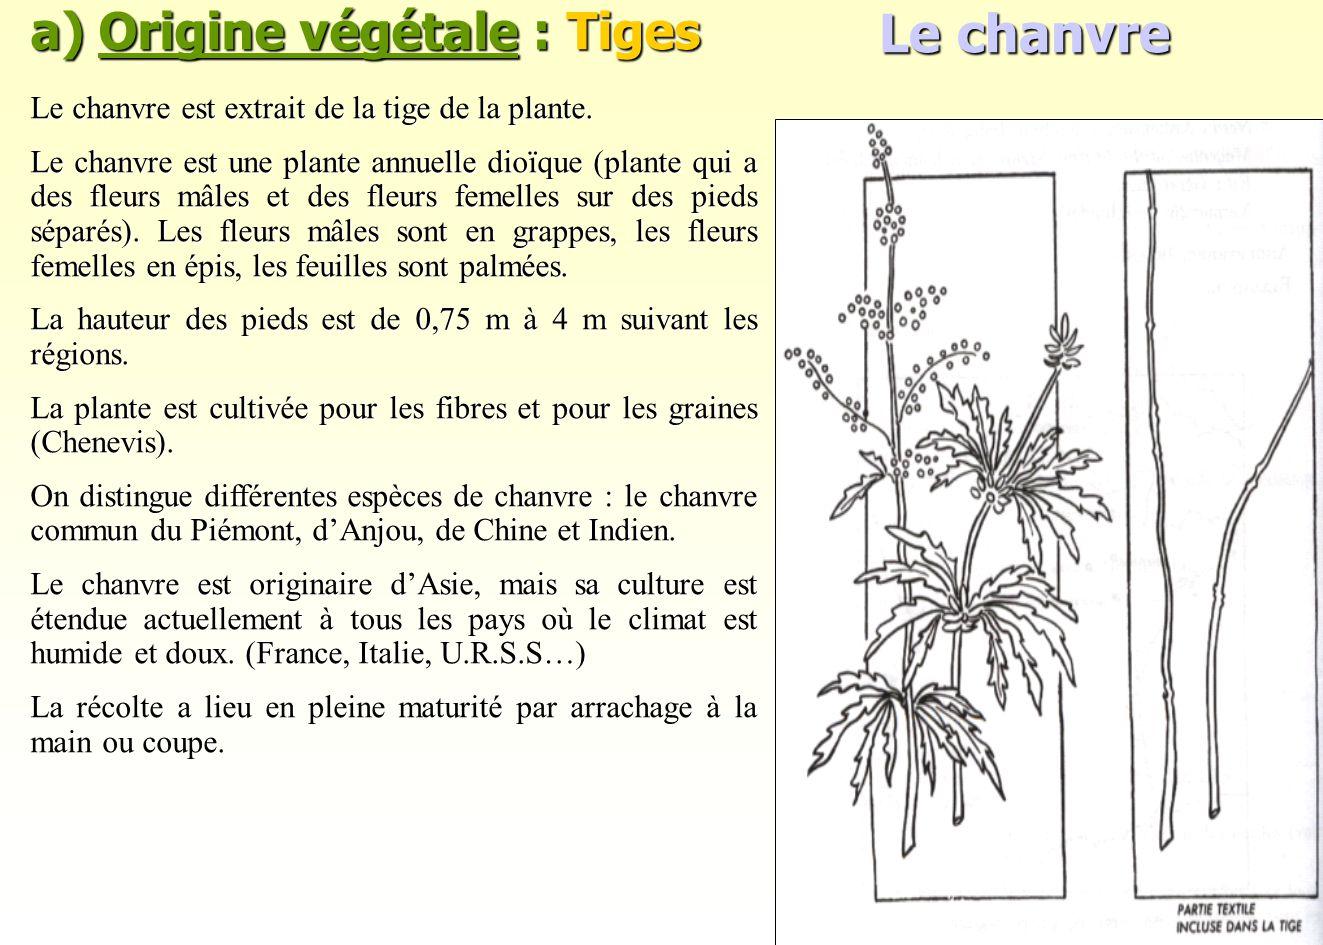 a) Origine végétale : Tiges Le chanvre est extrait de la tige de la plante. Le chanvre est une plante annuelle dioïque (plante qui a des fleurs mâles